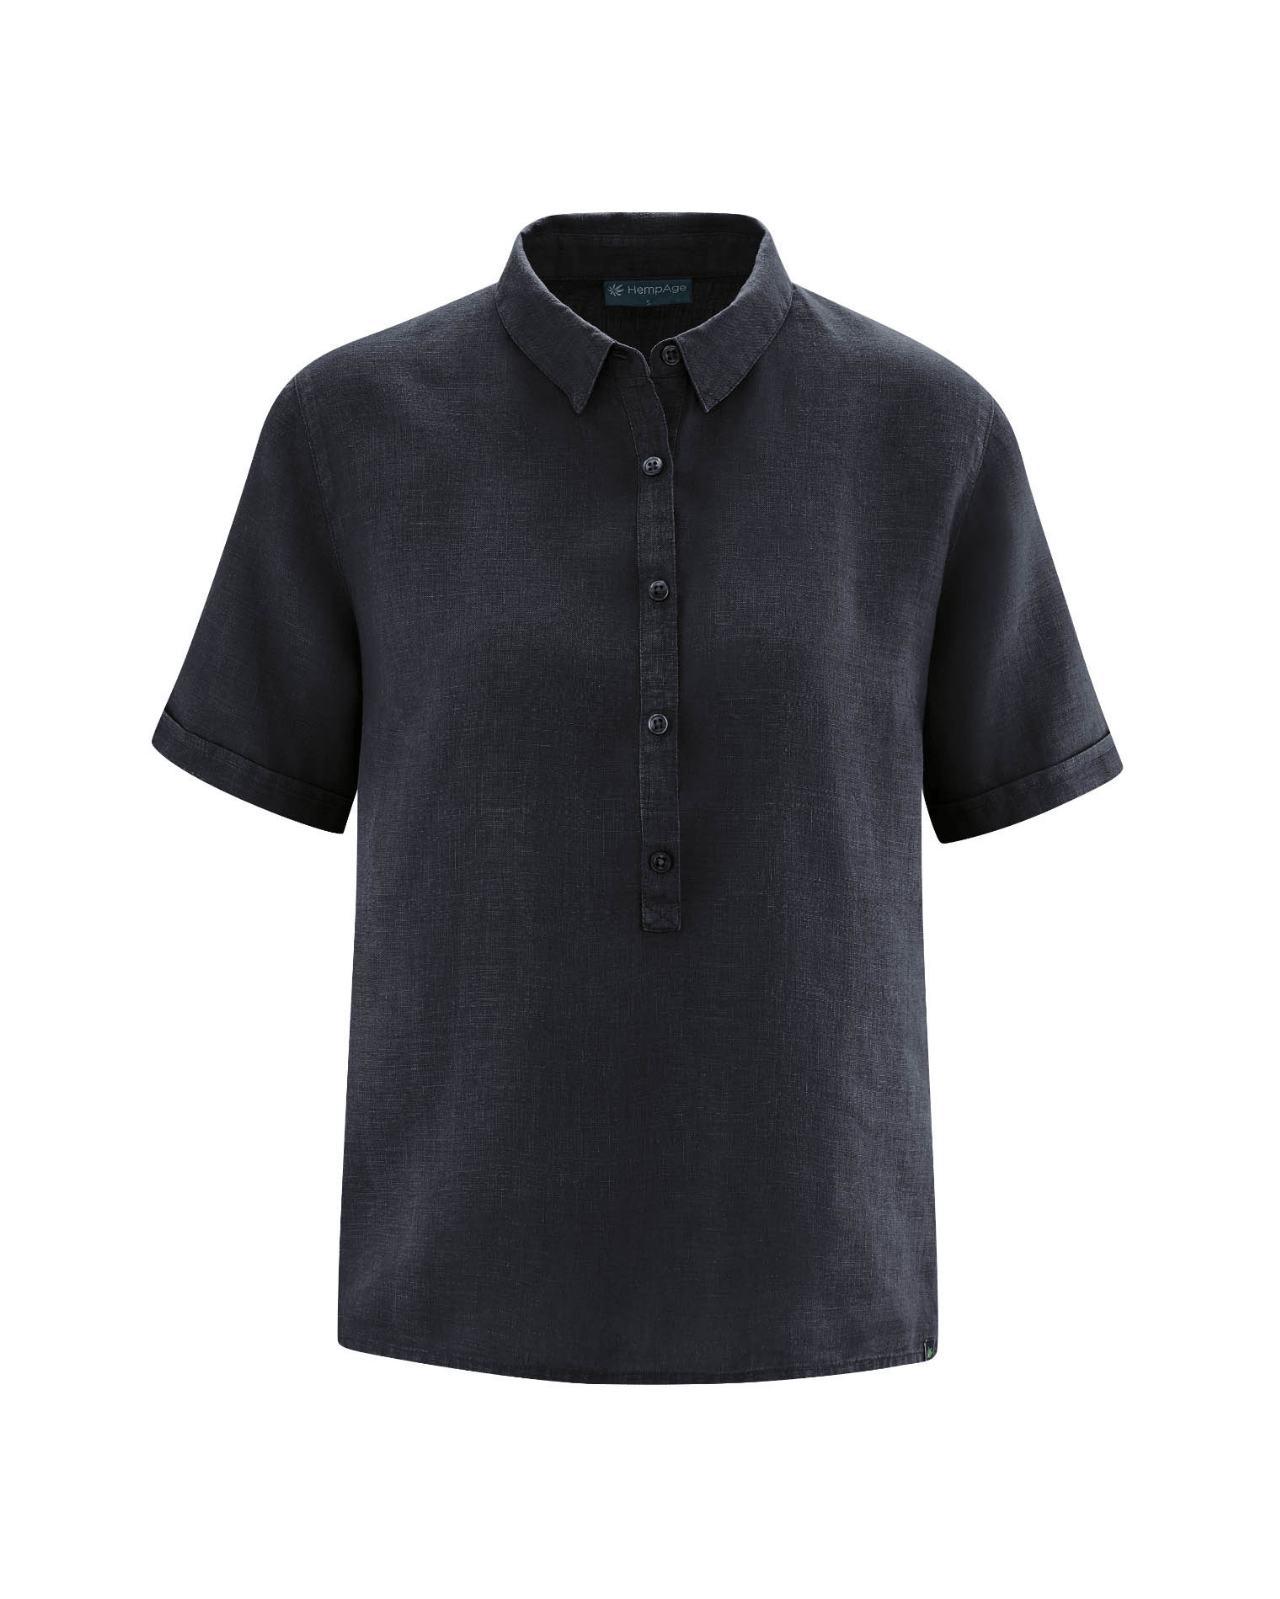 Camisa manga corta mujer color negro cáñamo